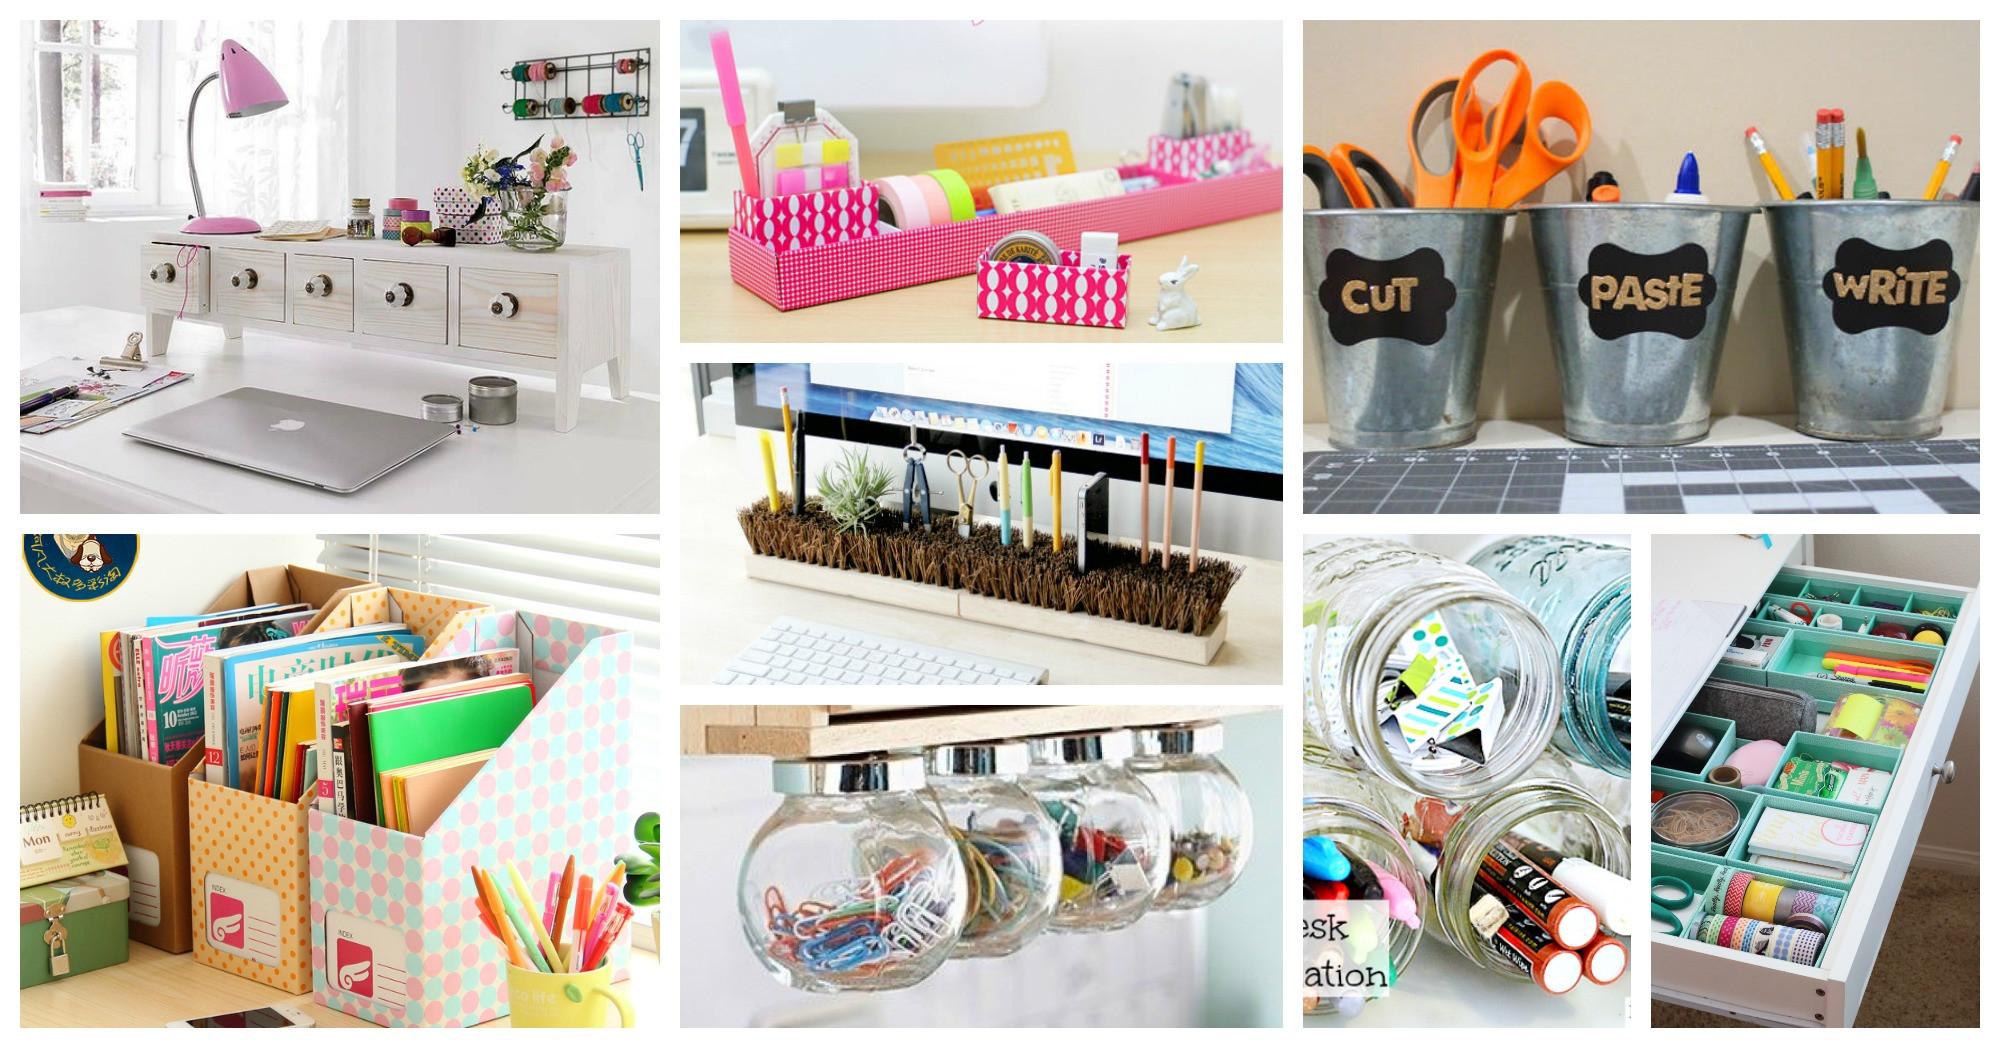 Diy Desk Organization  Easy And Simple DIY Desk Organization Ideas That You Will Like